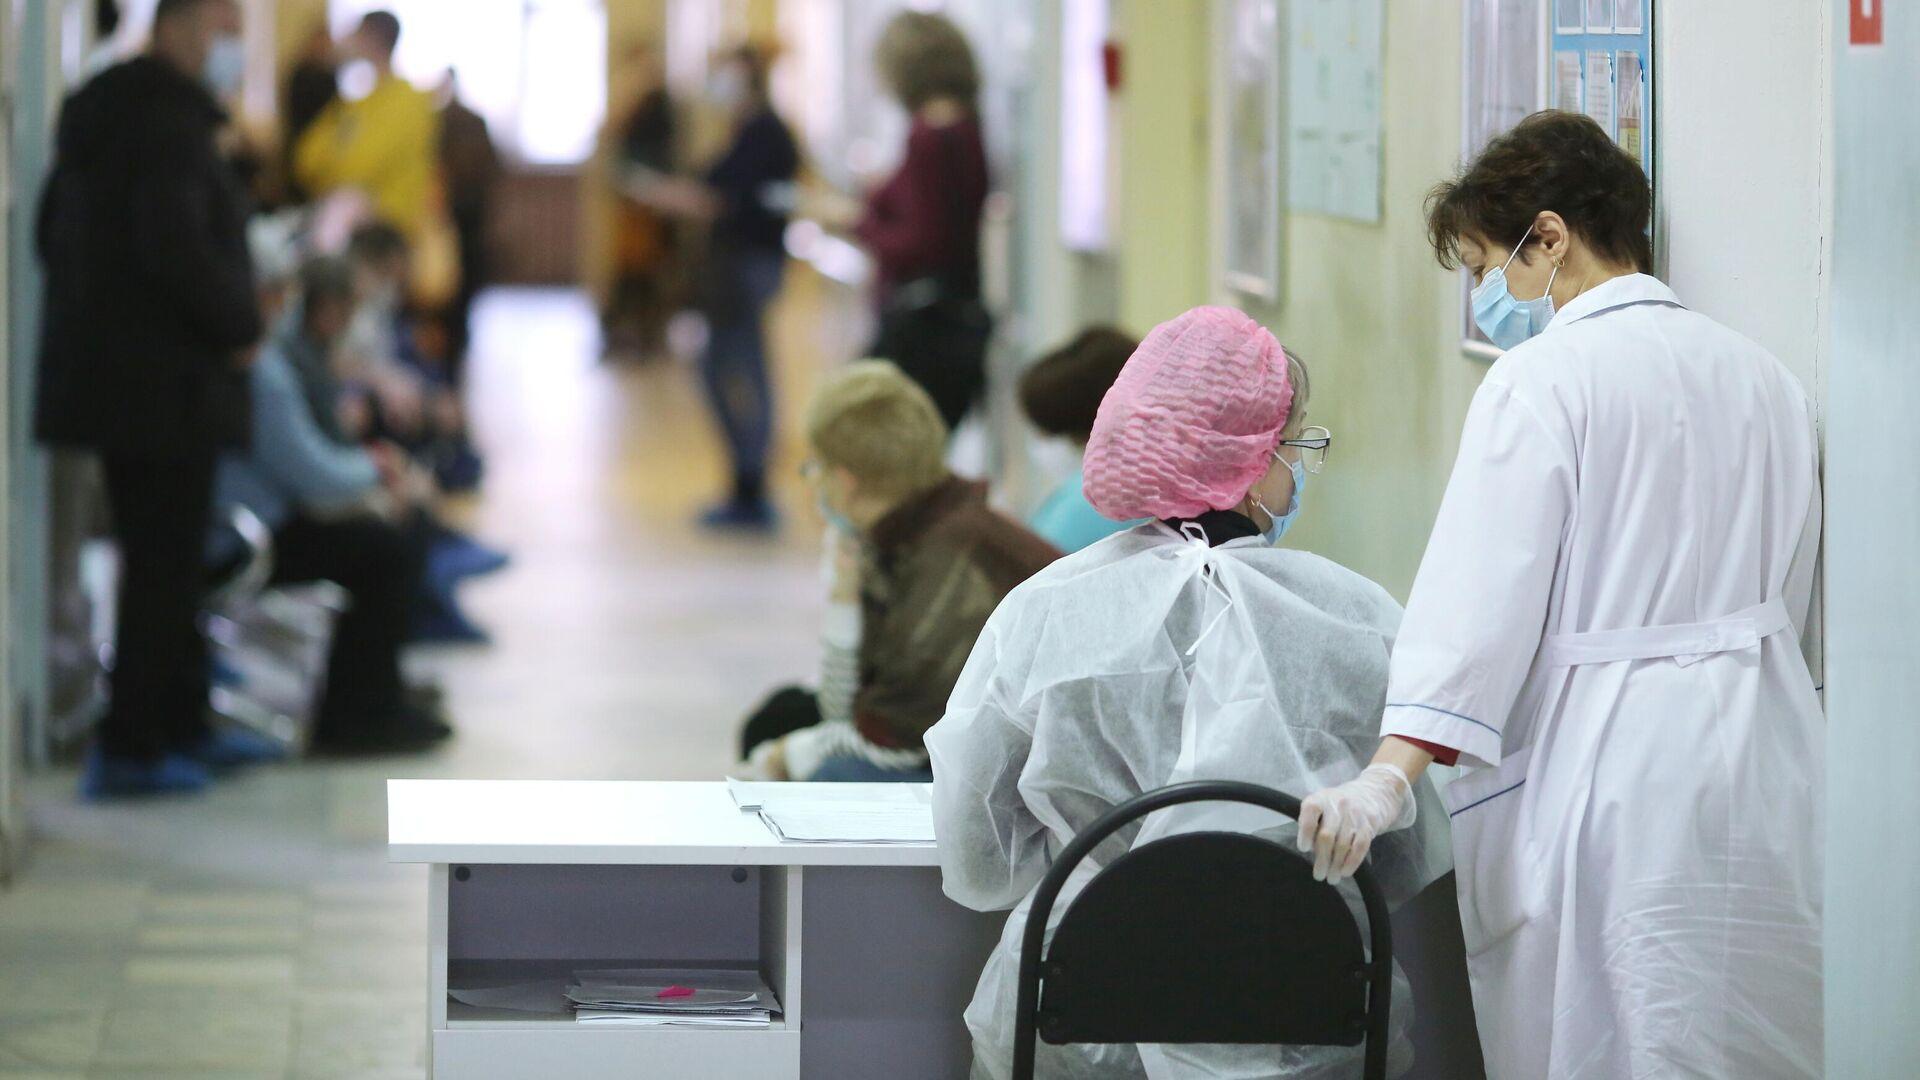 Медицинские работники и пациенты в поликлинике - РИА Новости, 1920, 18.06.2021